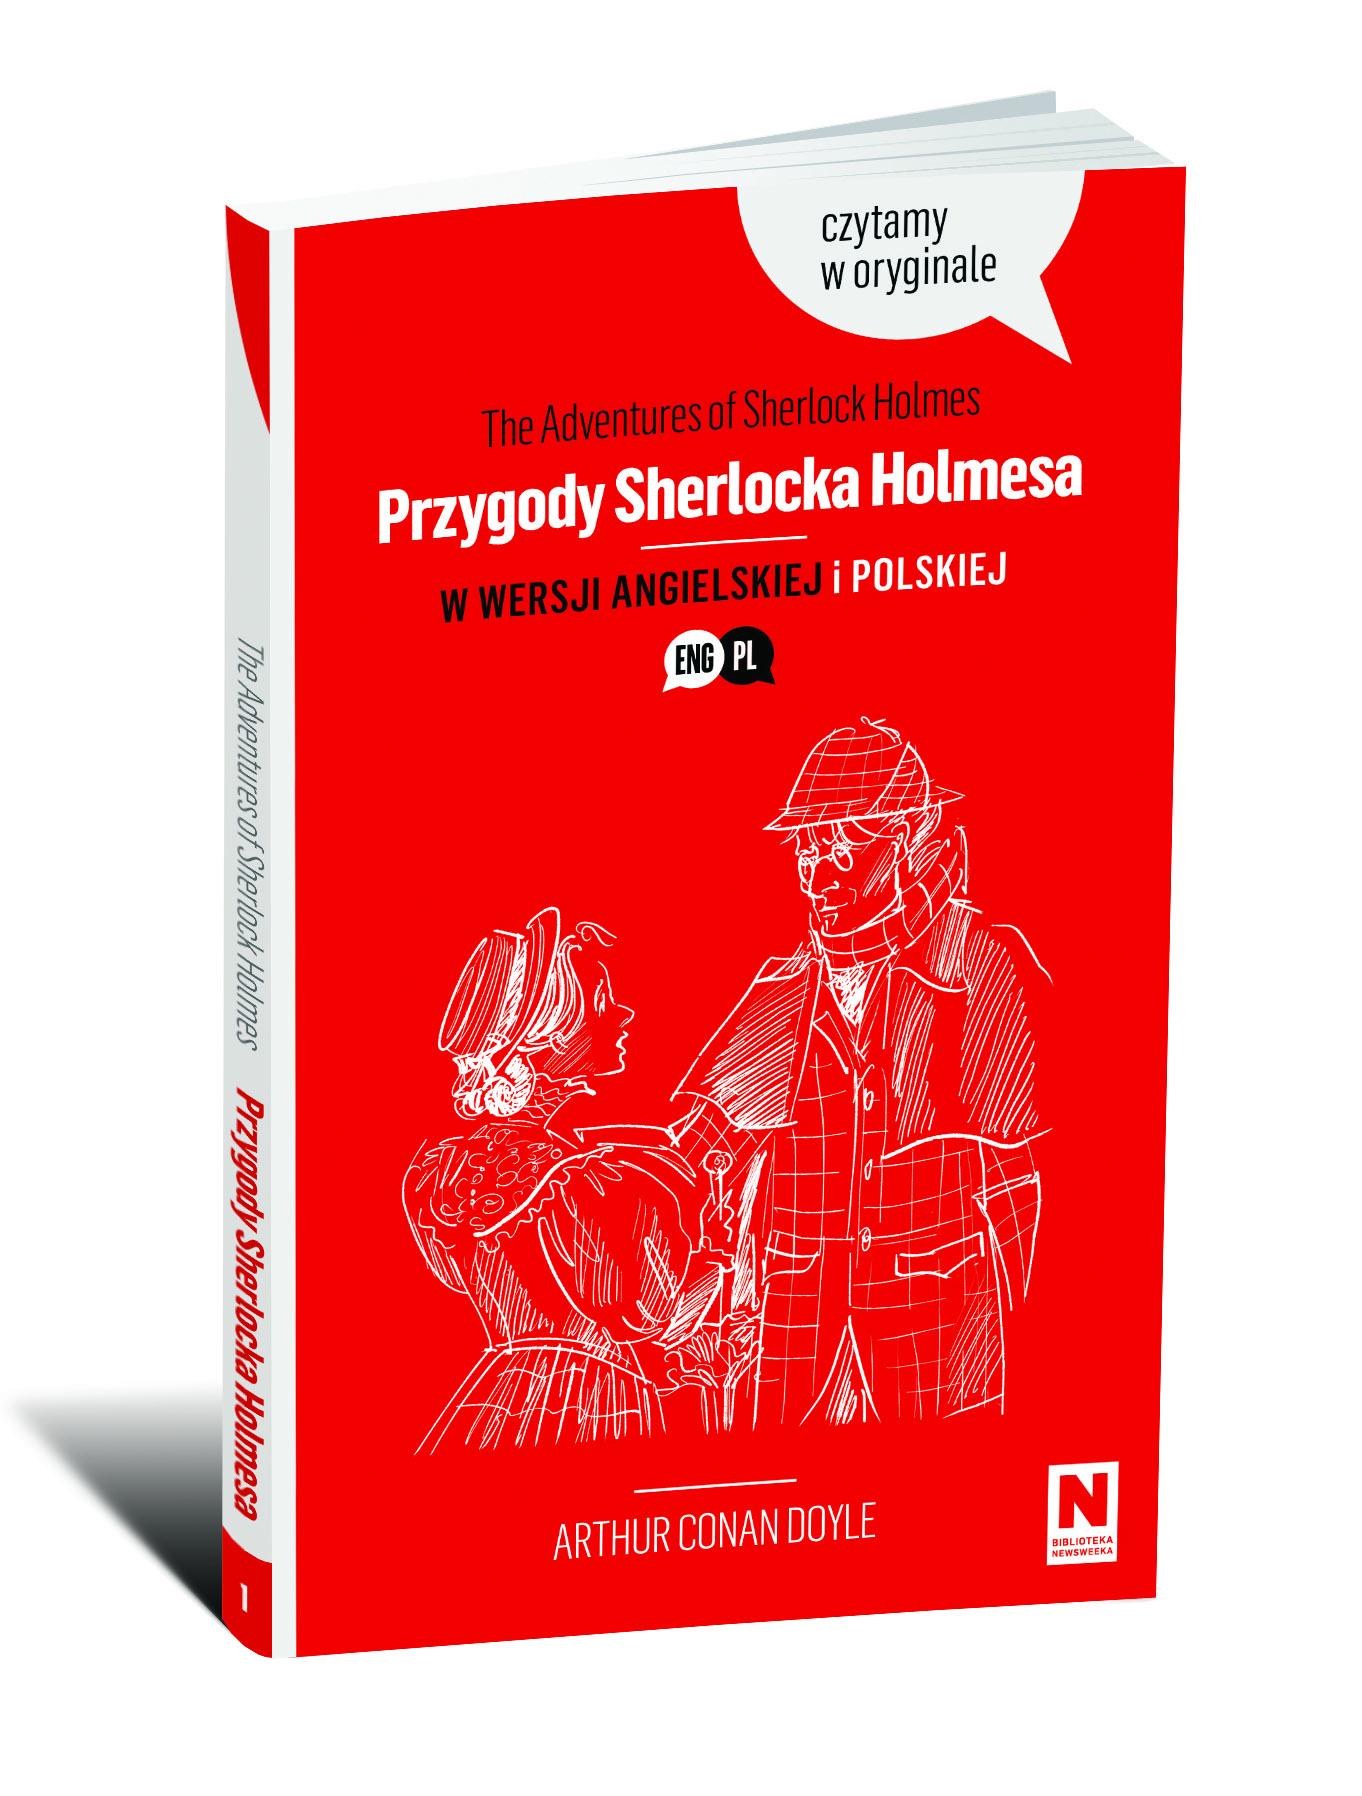 01. Przygody Sherlocka Holmesa - 3D